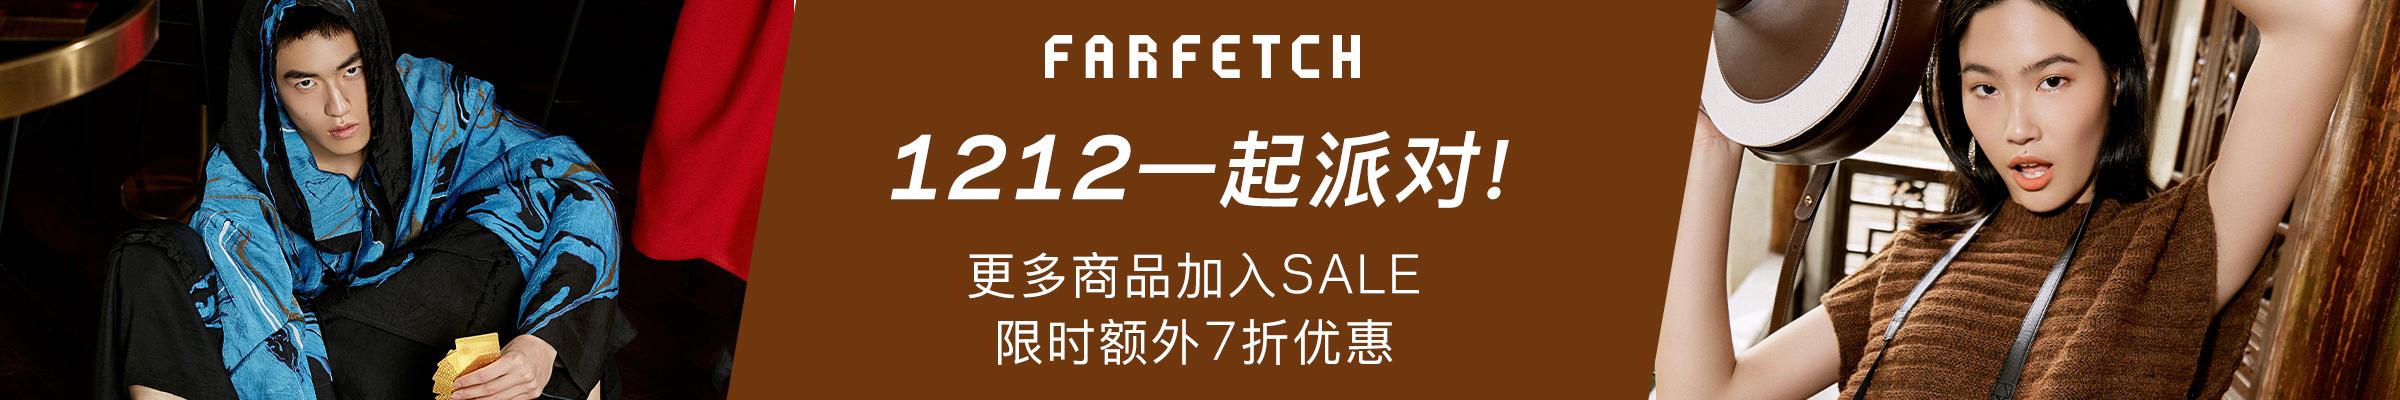 FarFetch 9-16